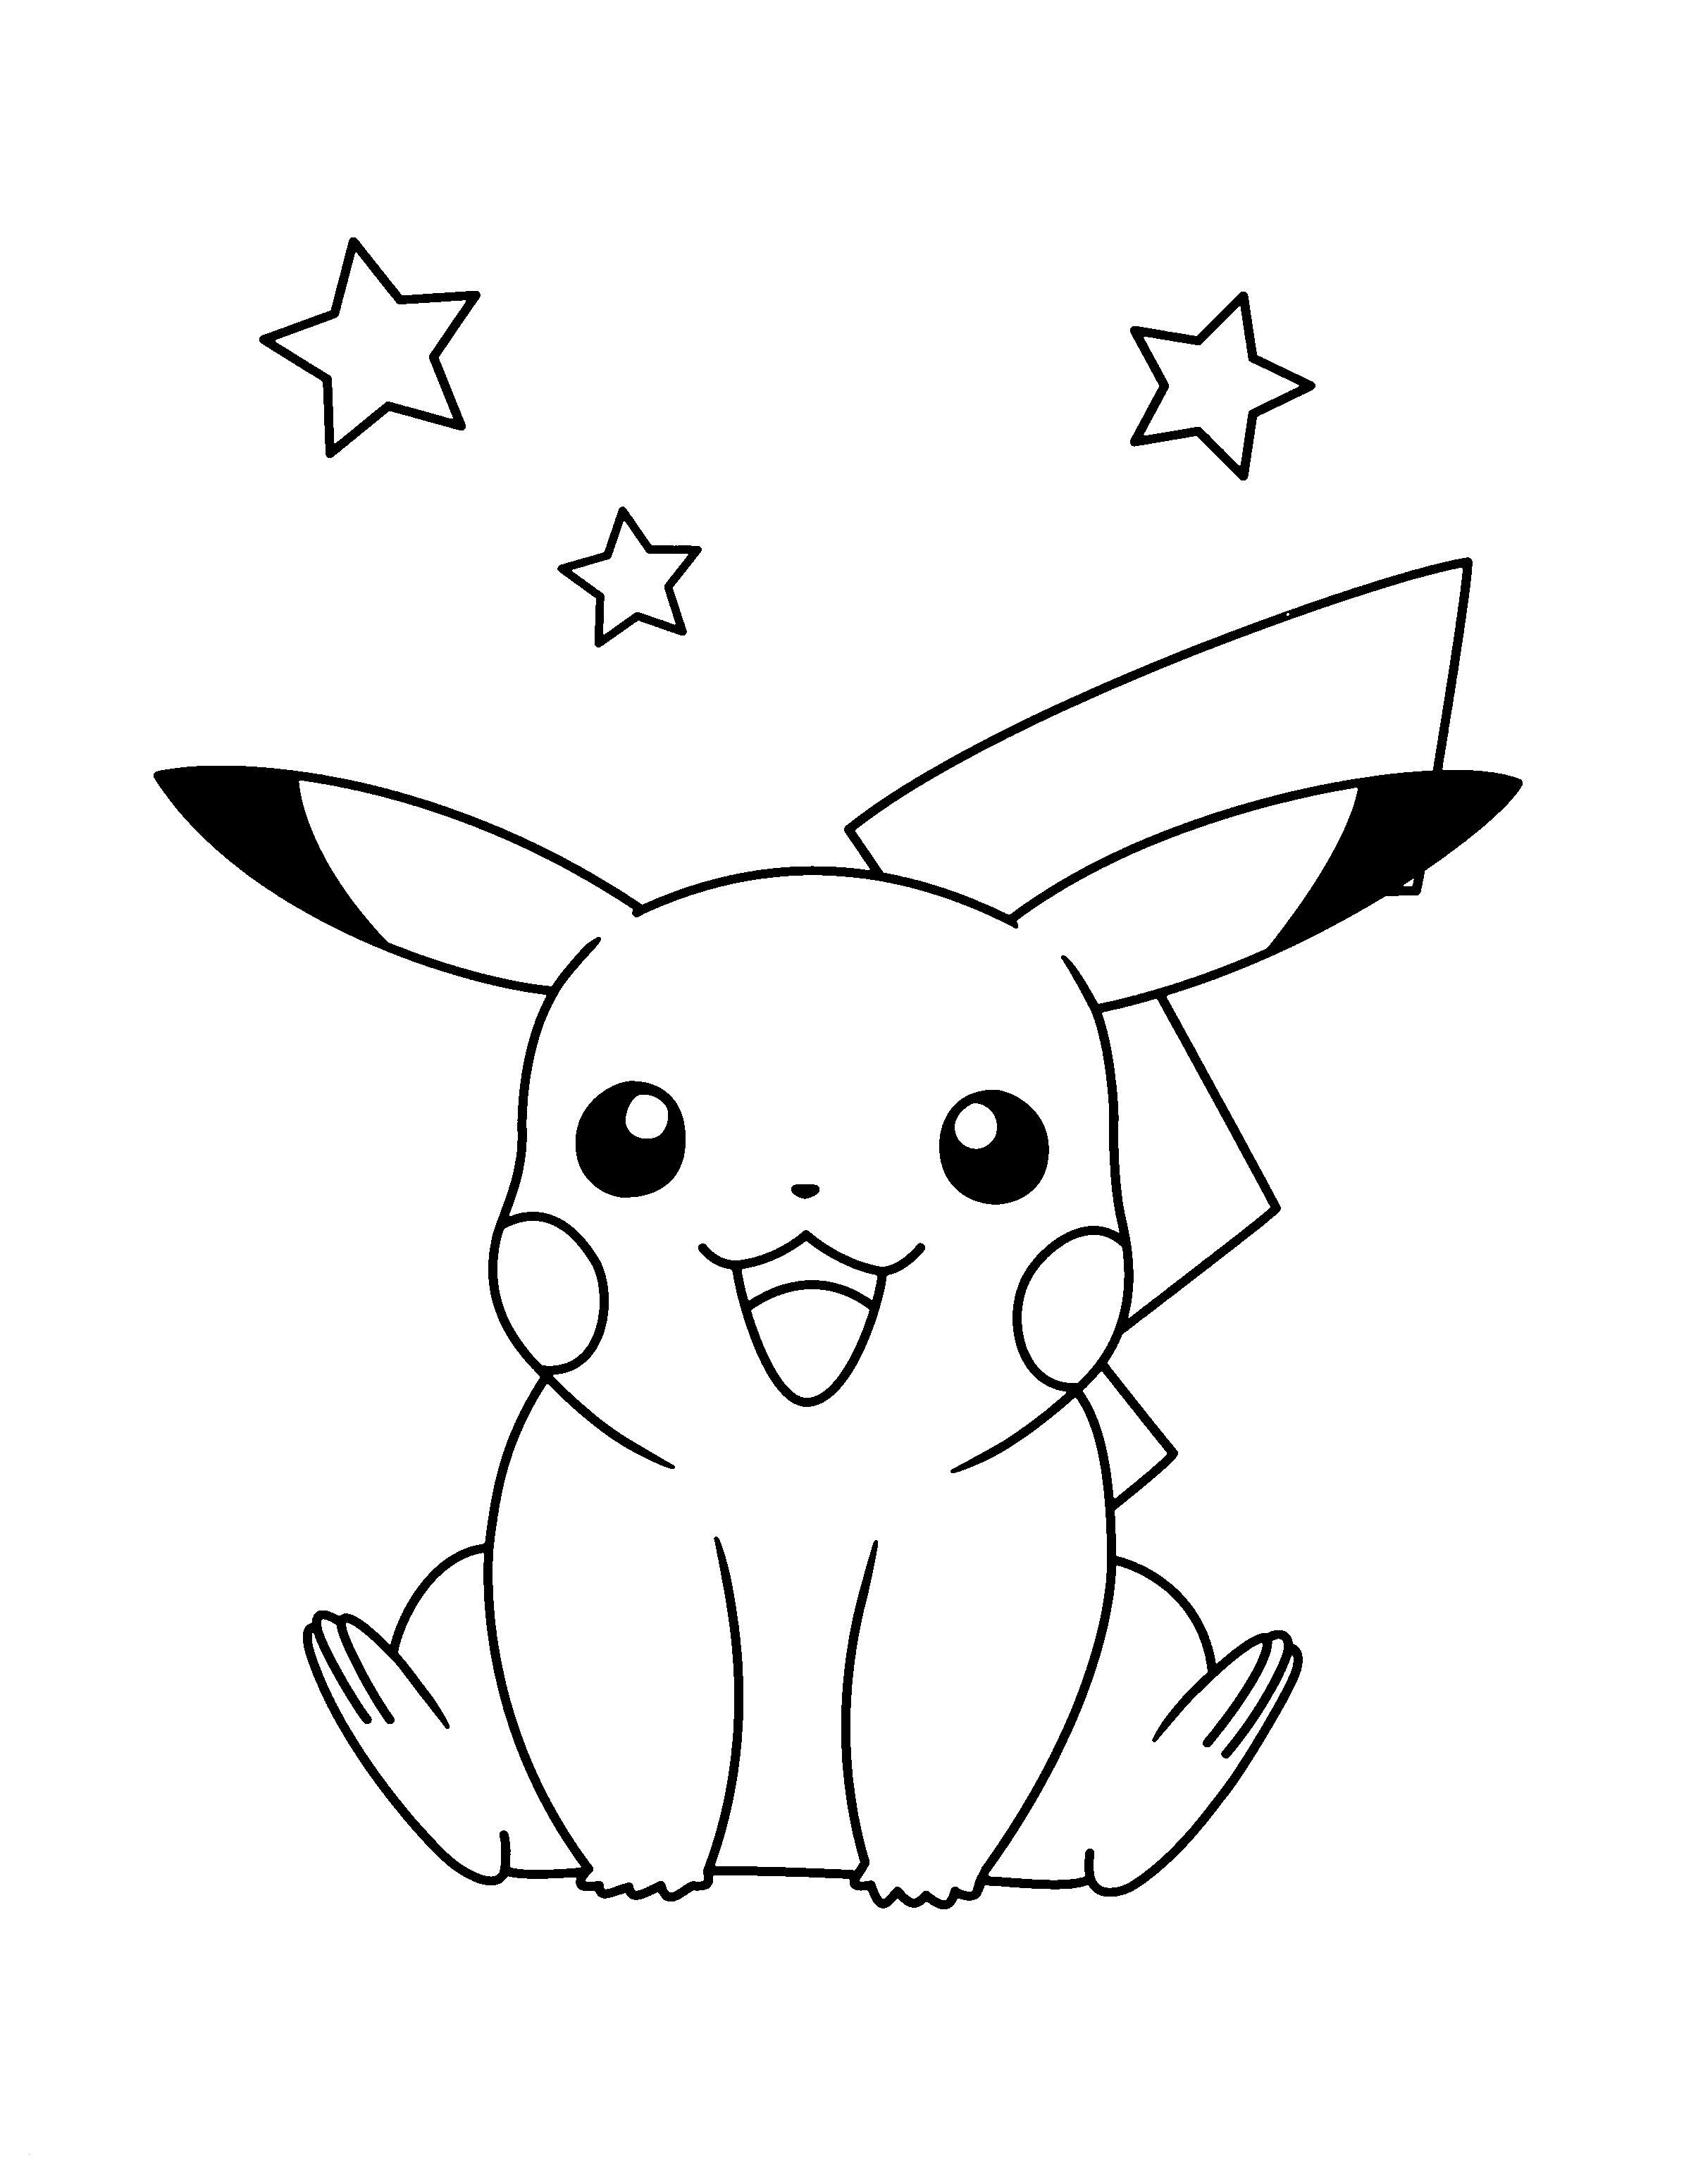 Kostenlose Ausmalbilder Pokemon Einzigartig Ausmalbilder Von Pokemon Awesome Malvorlagen Igel Best Igel Galerie